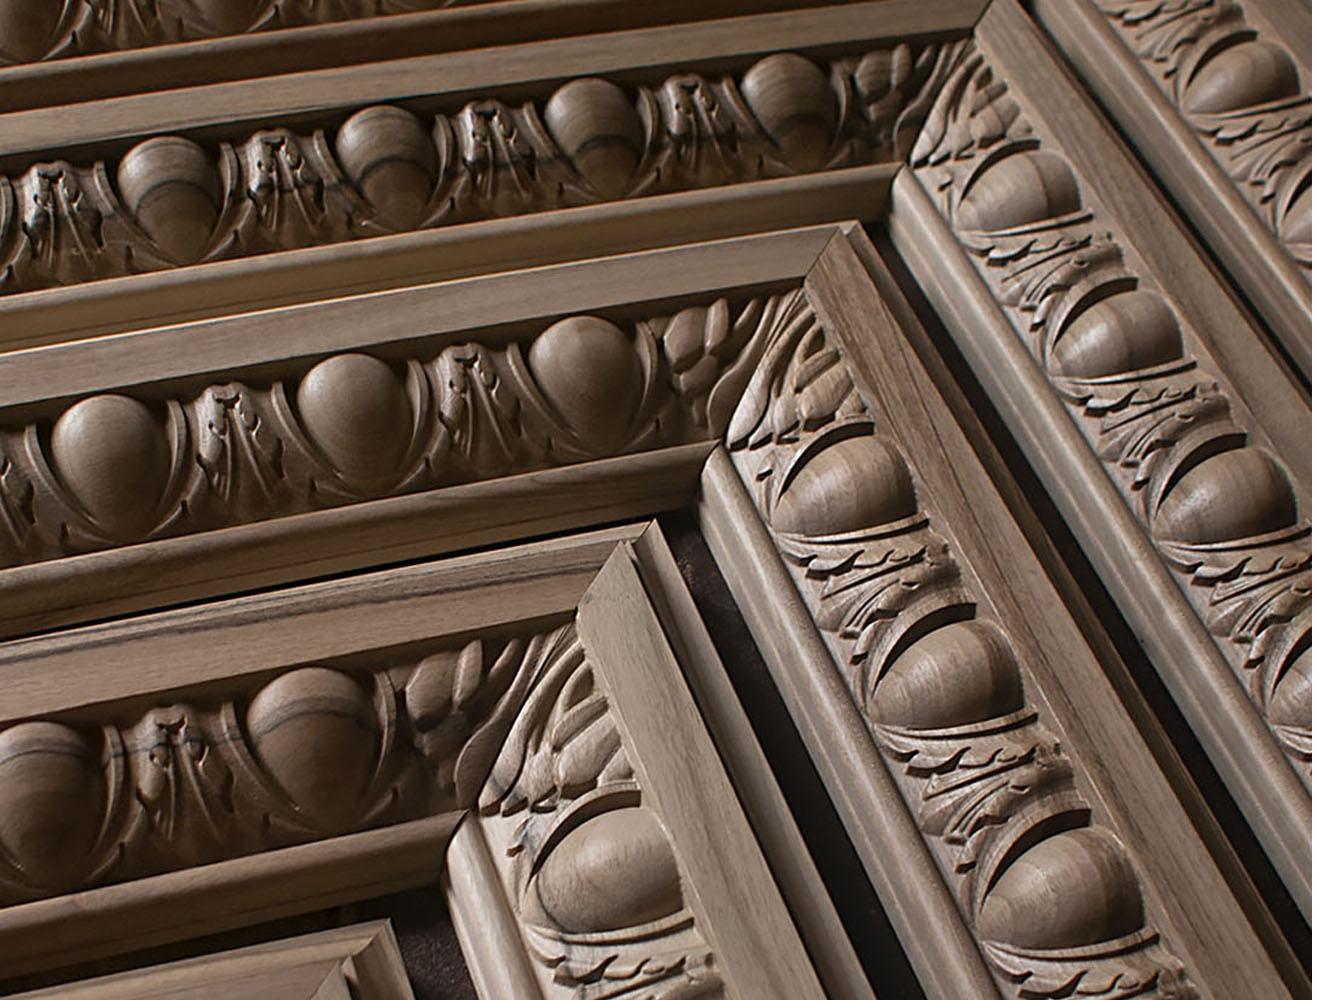 Moulures sculptées, Moulures d'angles sculptées, Corniche en bois sculptée